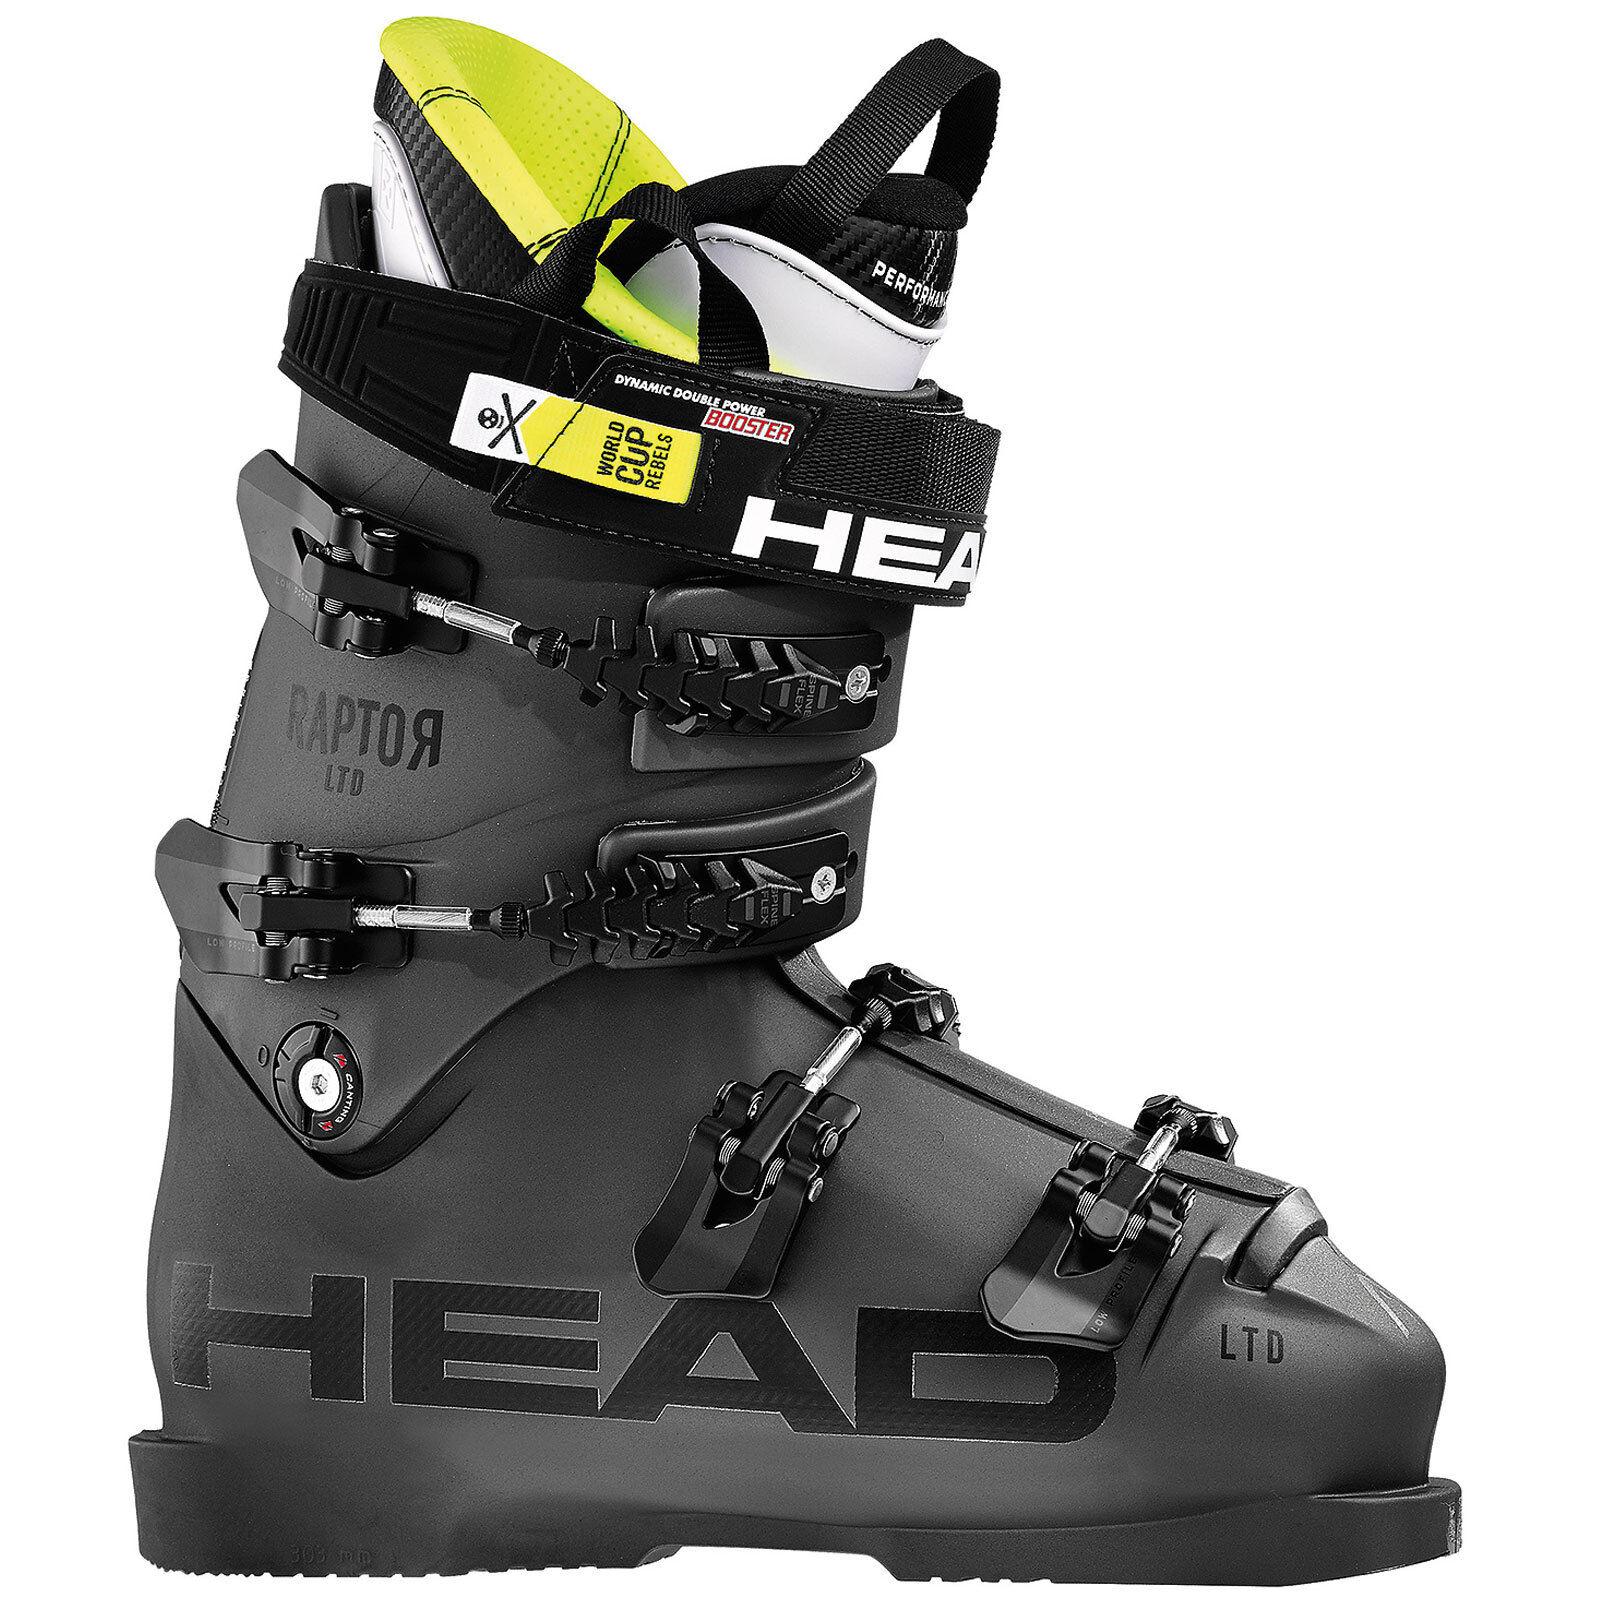 Head Raptor Ltd Men's Ski Boots Limited Edition Ski Boots  Ski Boots Ski shoes  online retailers